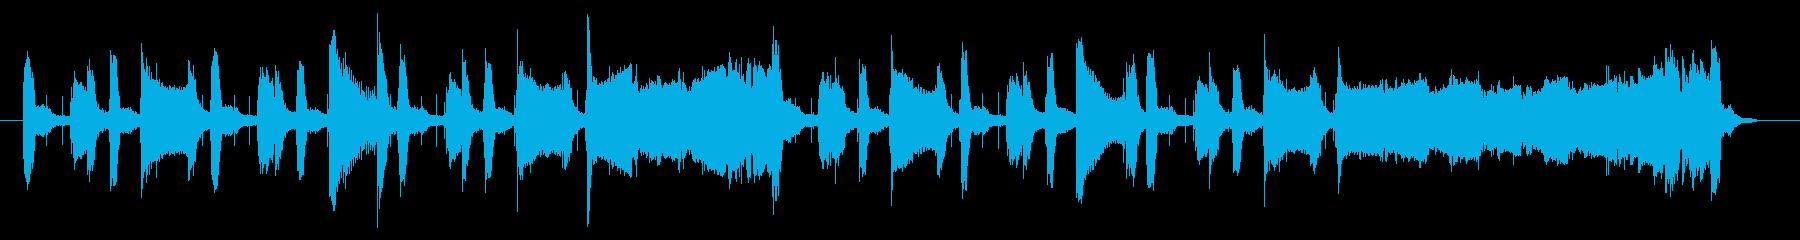 サックスによるジャジーなジングル 22秒の再生済みの波形